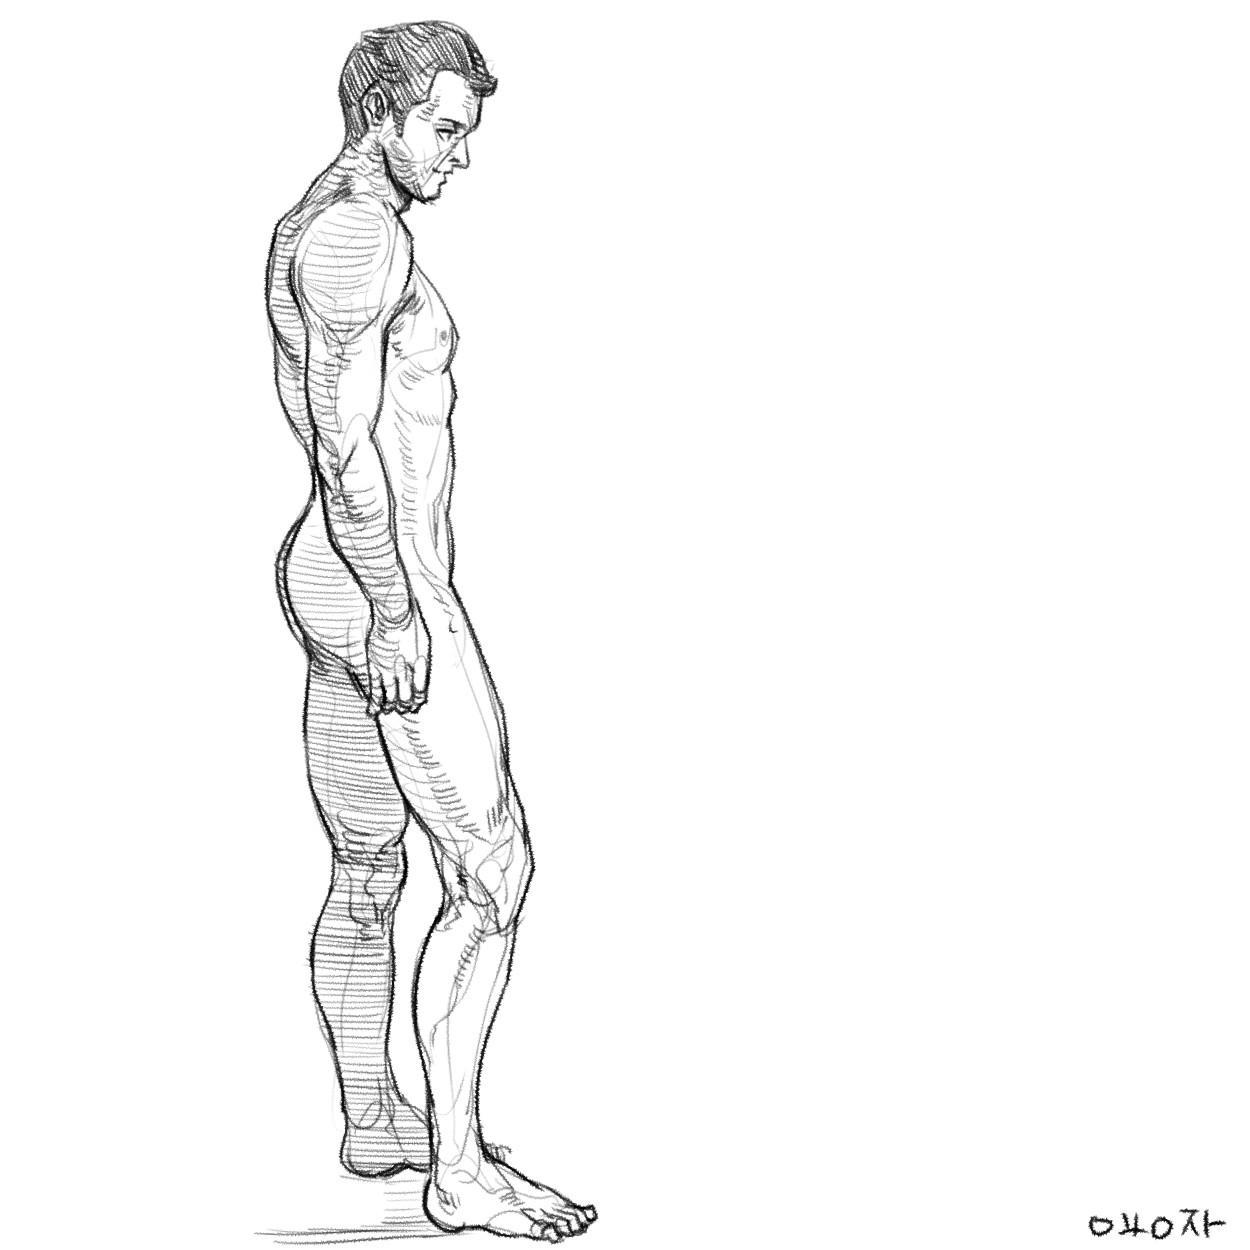 原画插画-人体速写光影肤色律动的曲线肢体语言作品原画插画线稿186P(3)